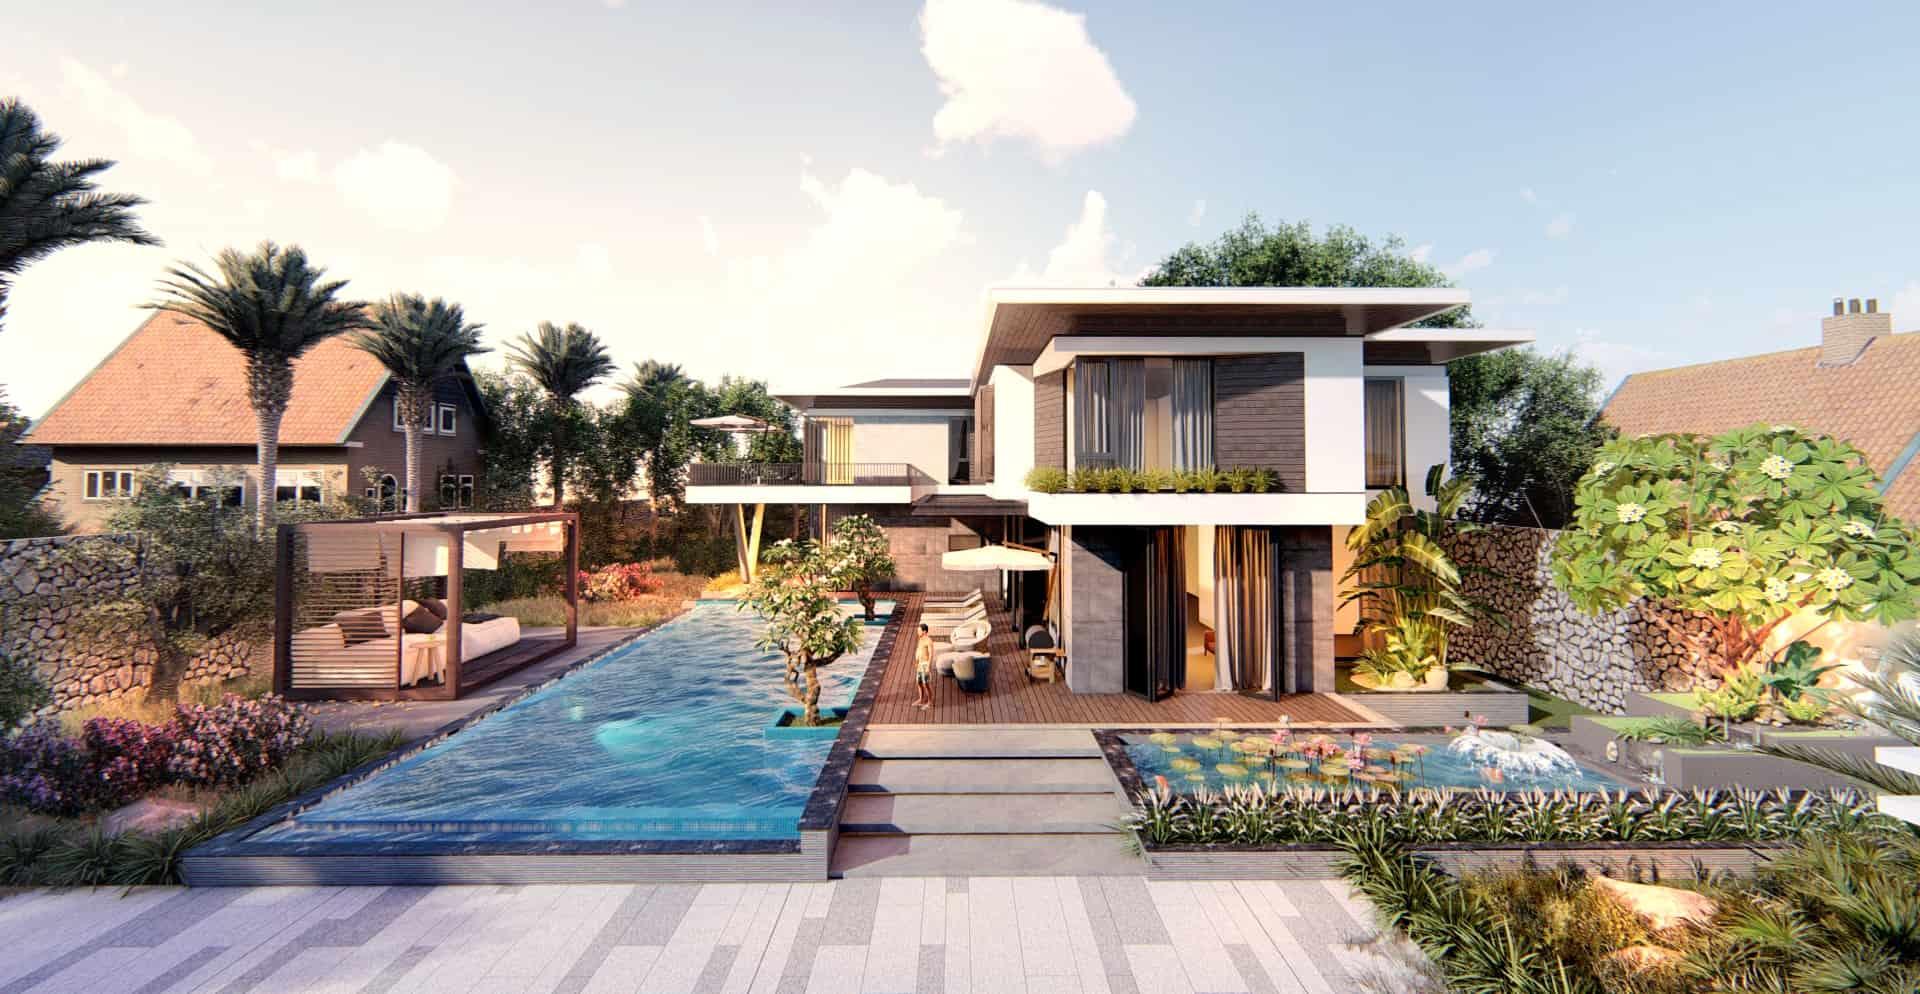 Kiến trúc siêu hiện đại của biệt thự 2 tầng nghỉ dưỡng cùng bể bơi chữ nhật trải dài